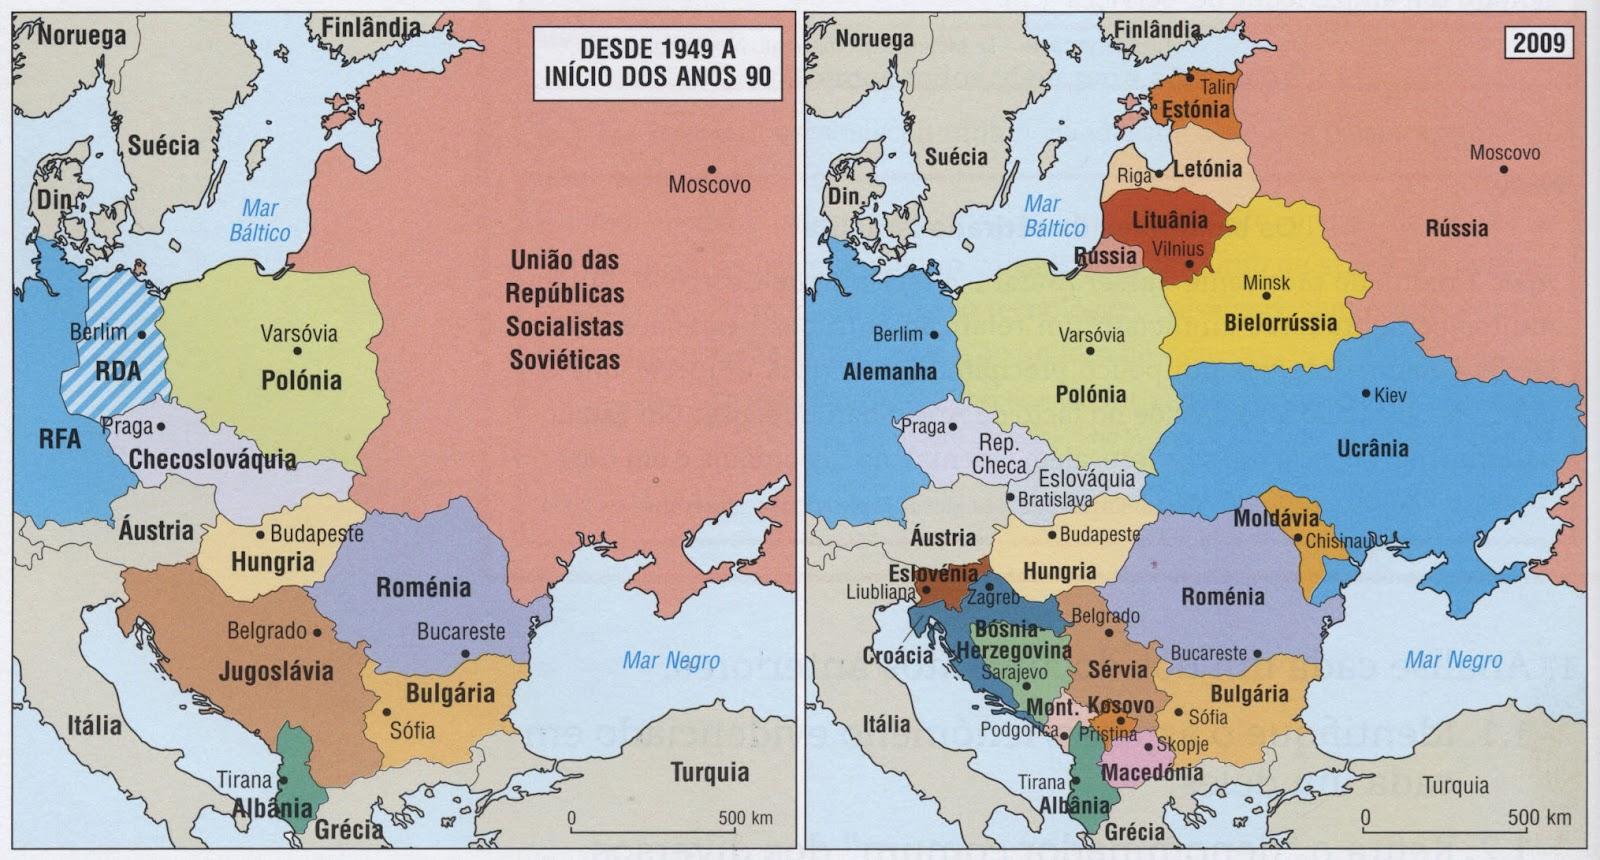 o novo mapa politico da europa Linha do Tempo: A evolução política e económica da Europa de Leste o novo mapa politico da europa